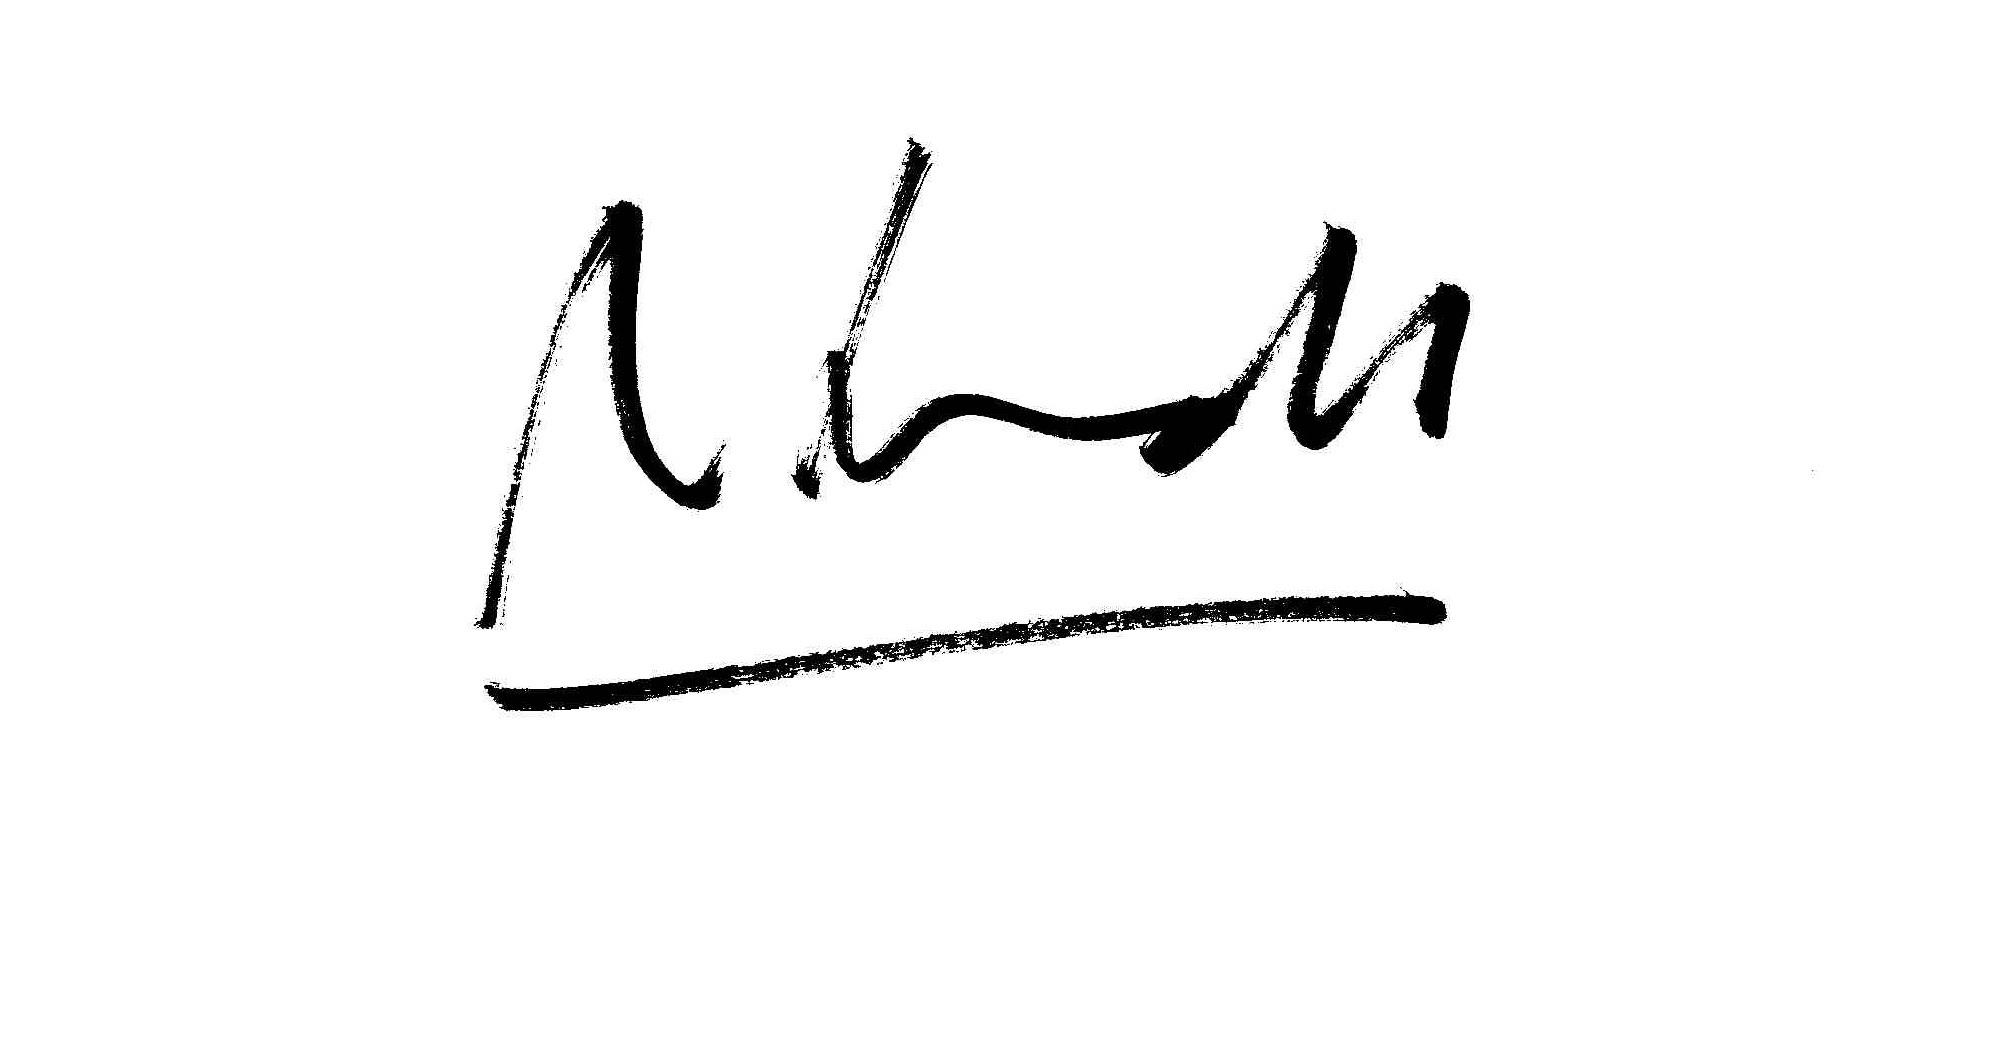 Ana Schmidt Signature